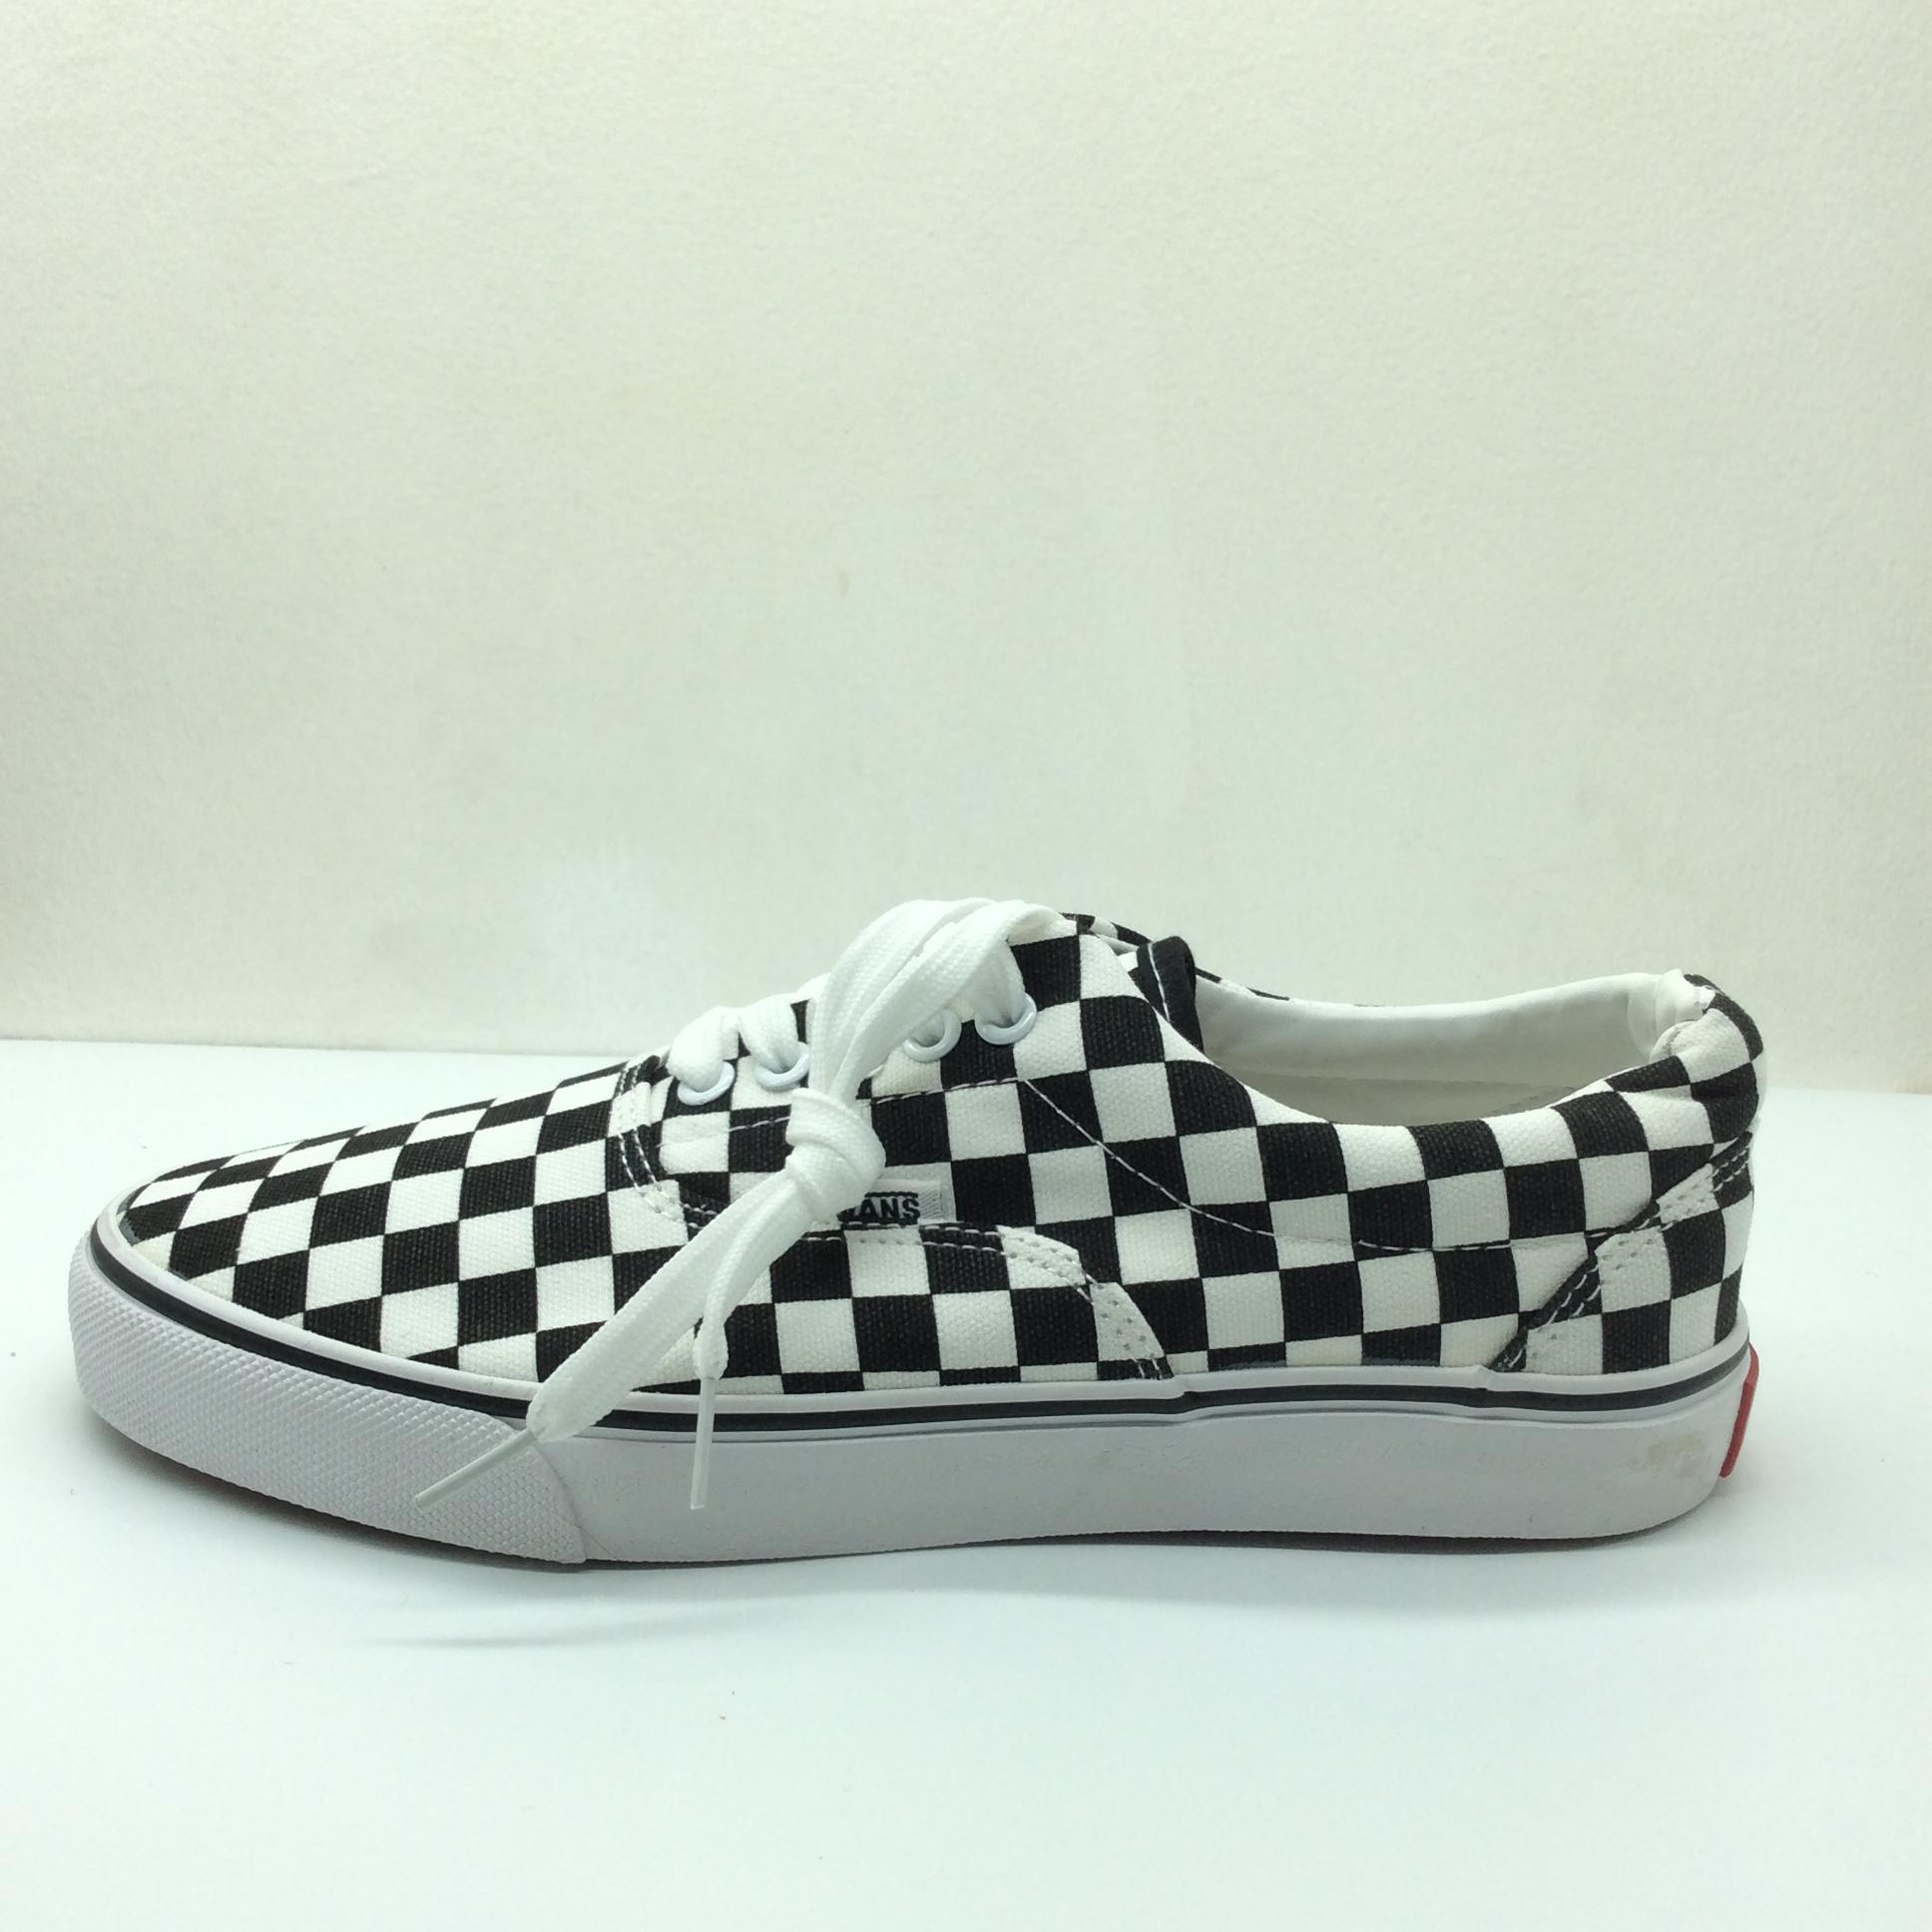 Vans Color casual Plaid shoes for men